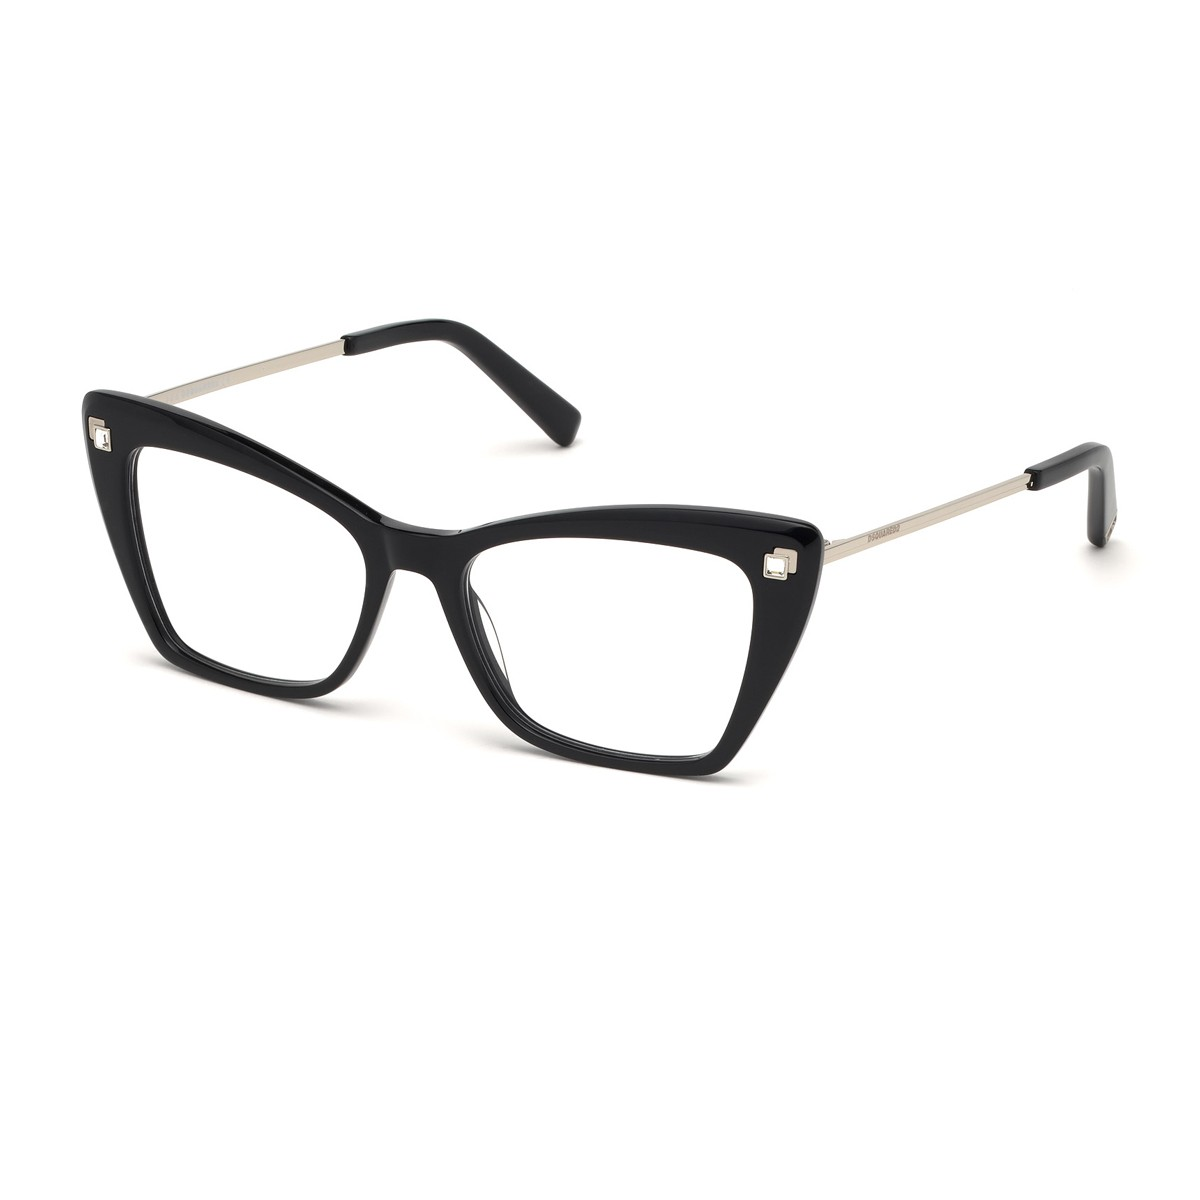 Dsquared2 DQ5288 | Women's eyeglasses